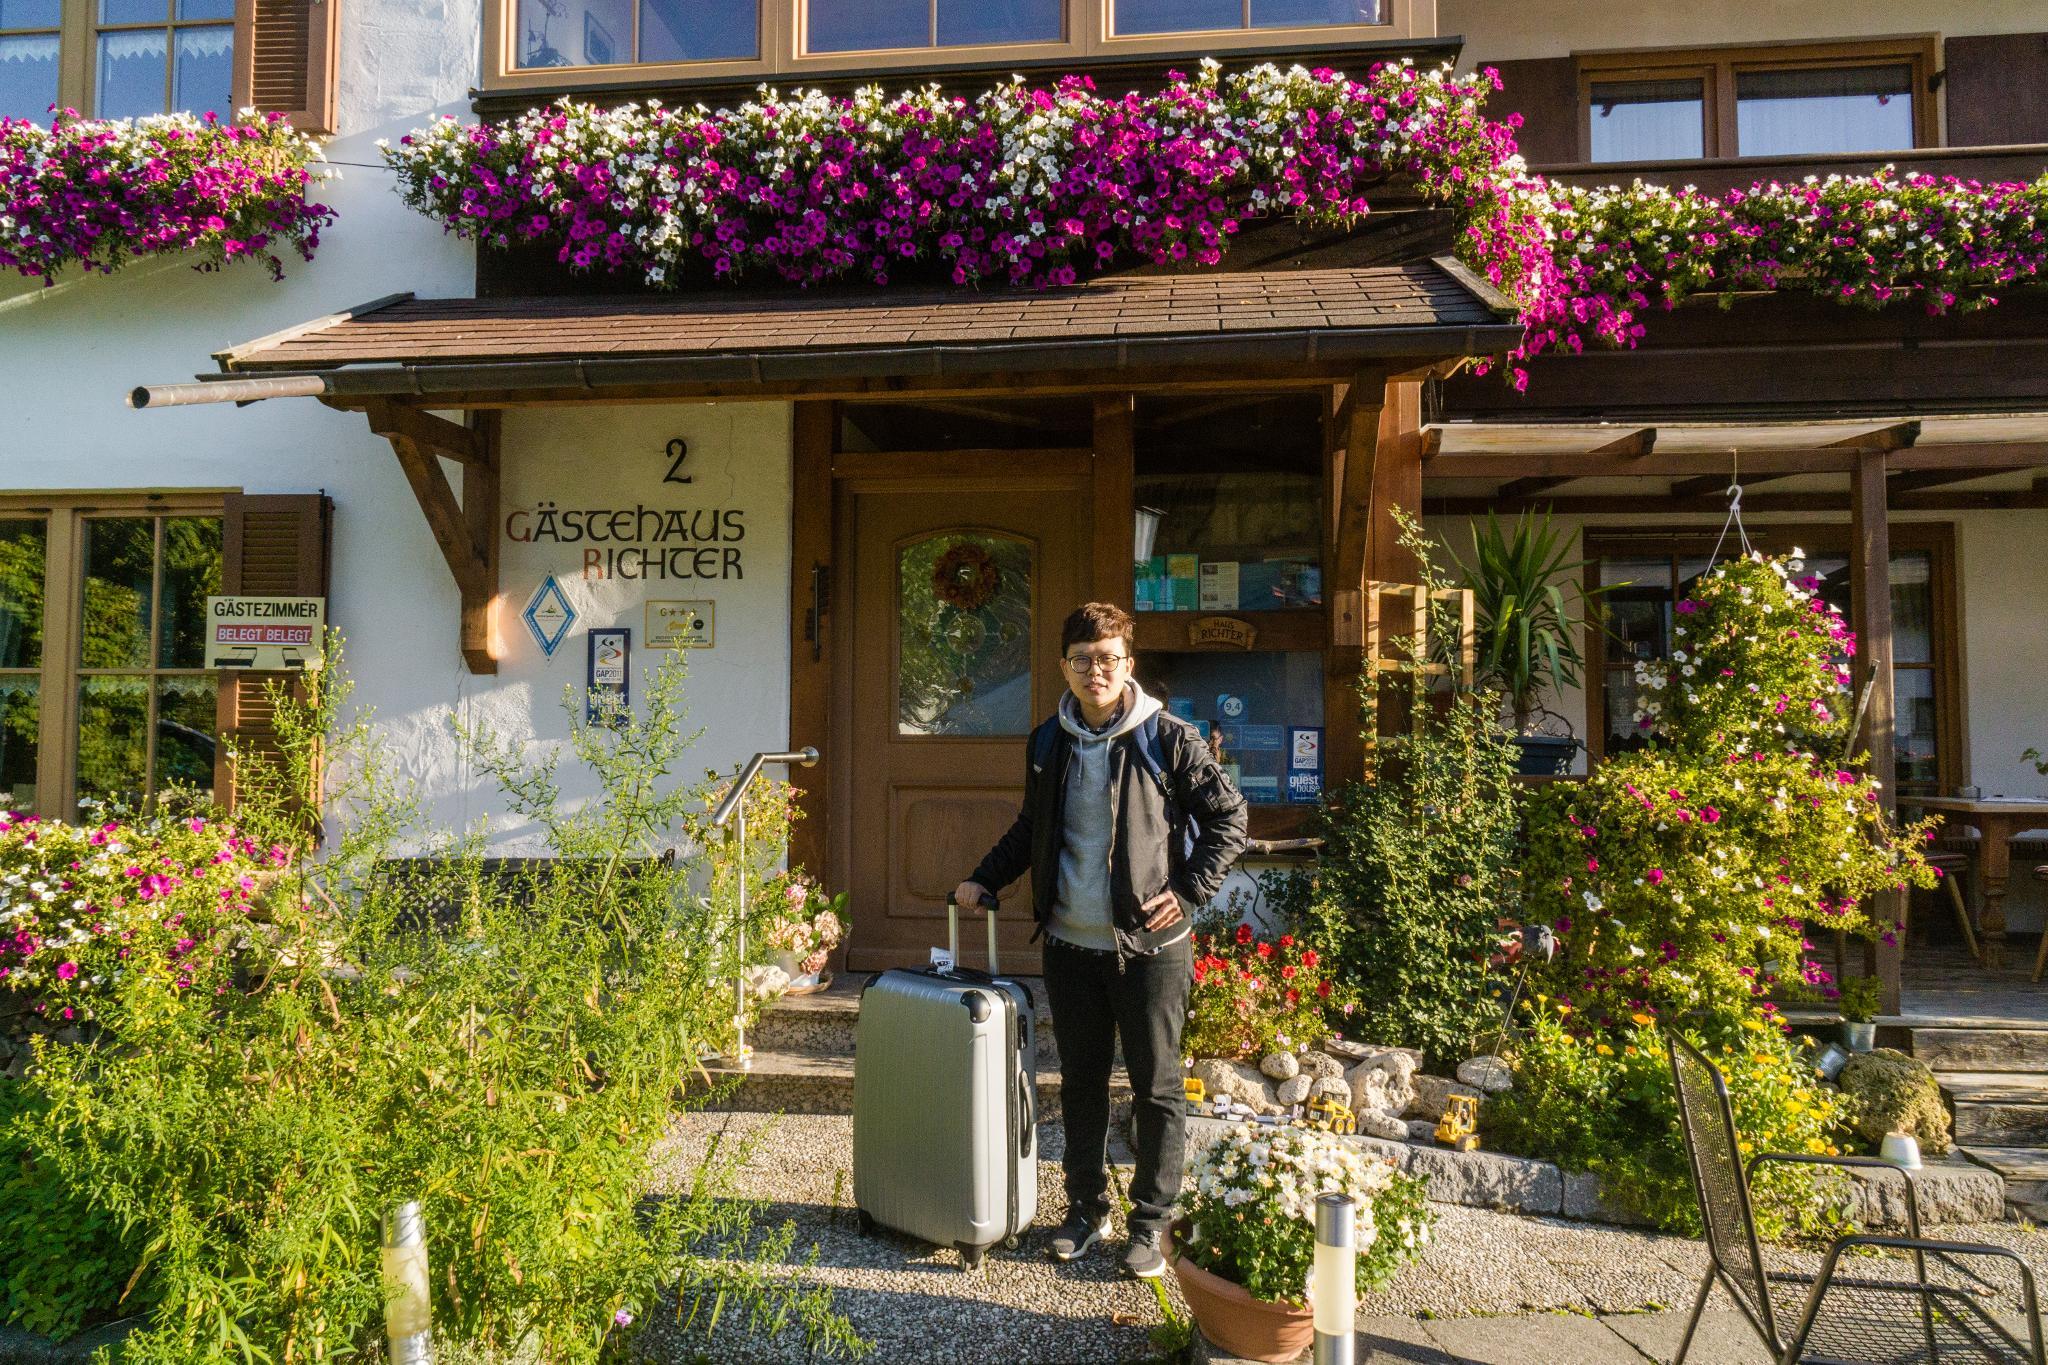 【德國】 阿爾卑斯大道 - 上阿瑪高小鎮 (Oberammergau) 13